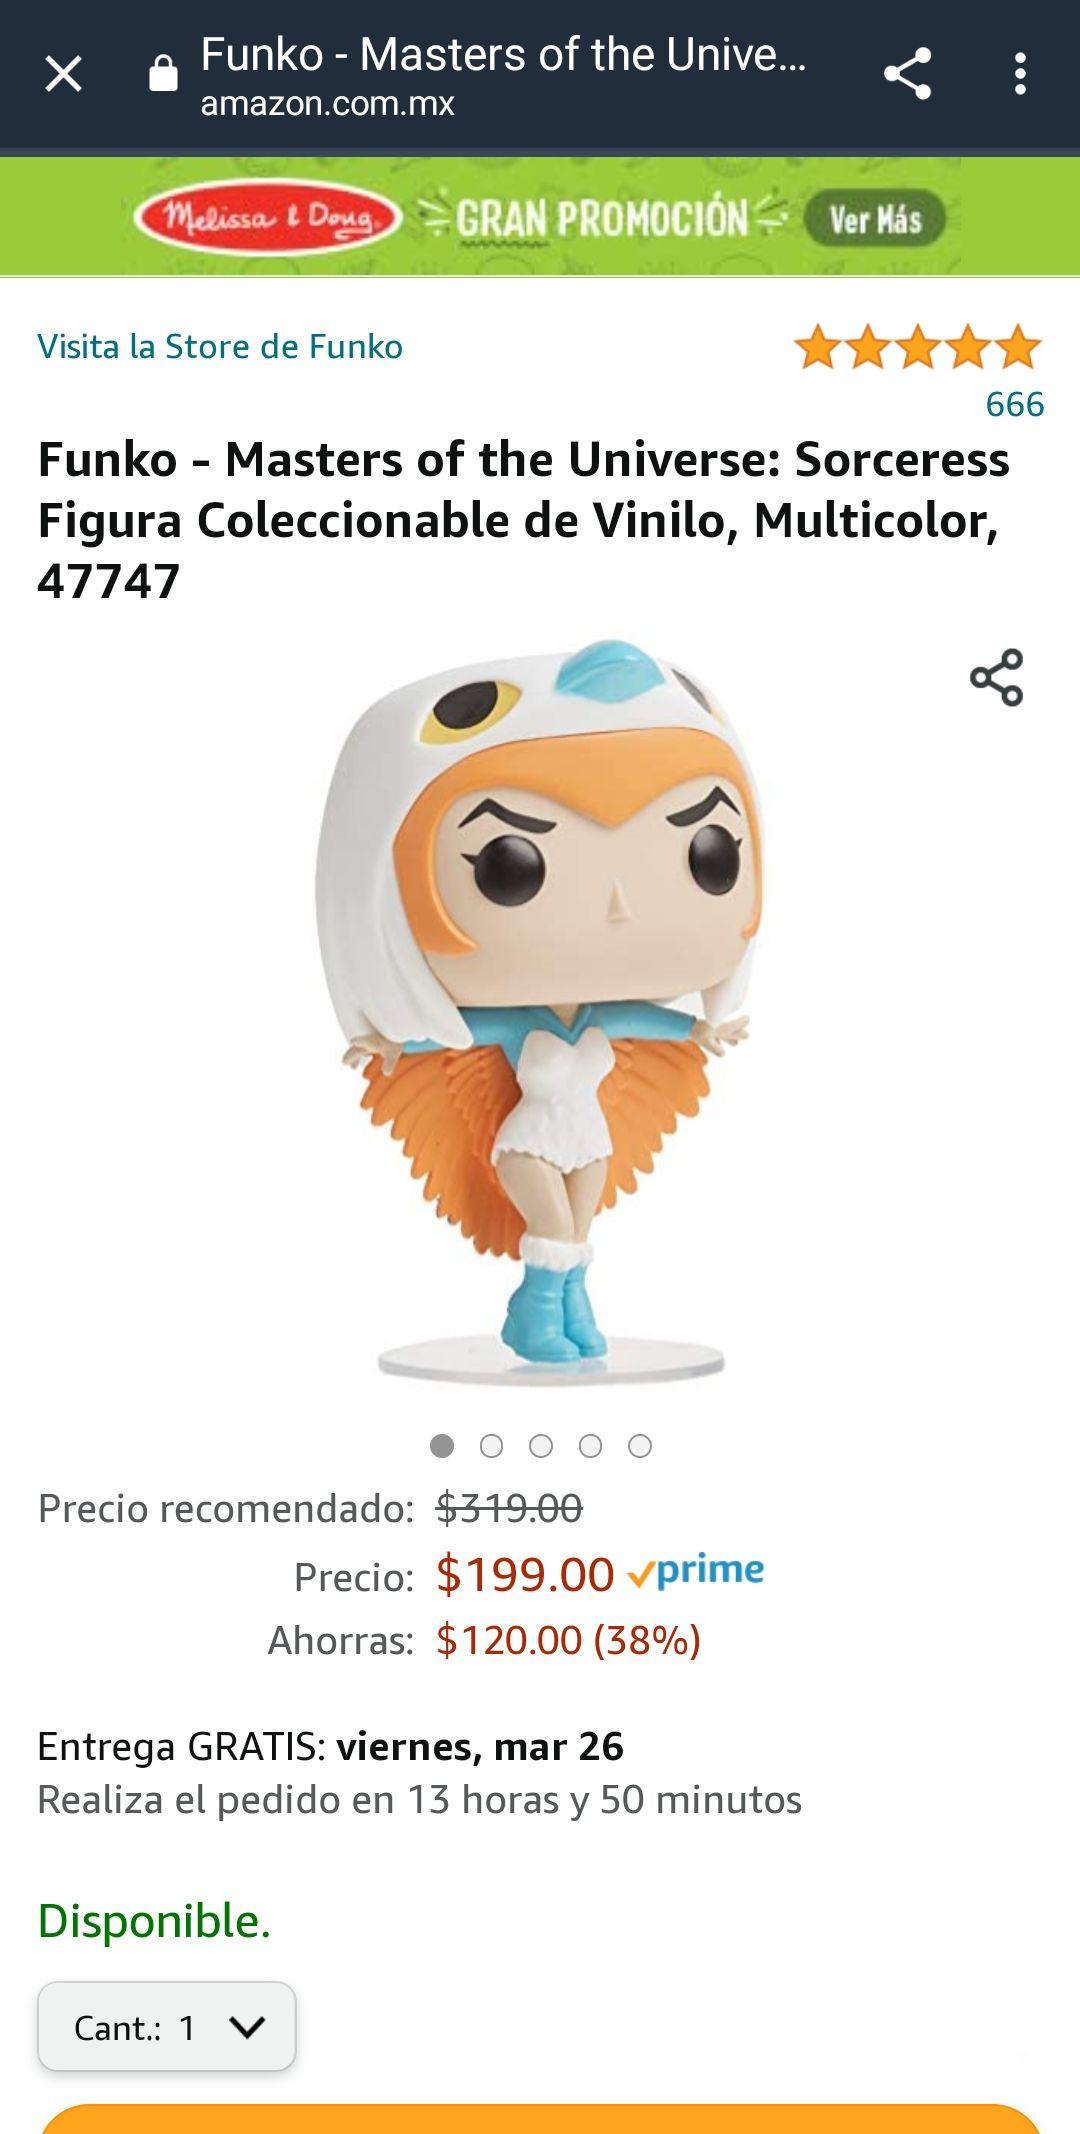 Amazon: Funko - Masters of the Universe: Sorceress Figura Coleccionable de Vinilo, Multicolor, 47747